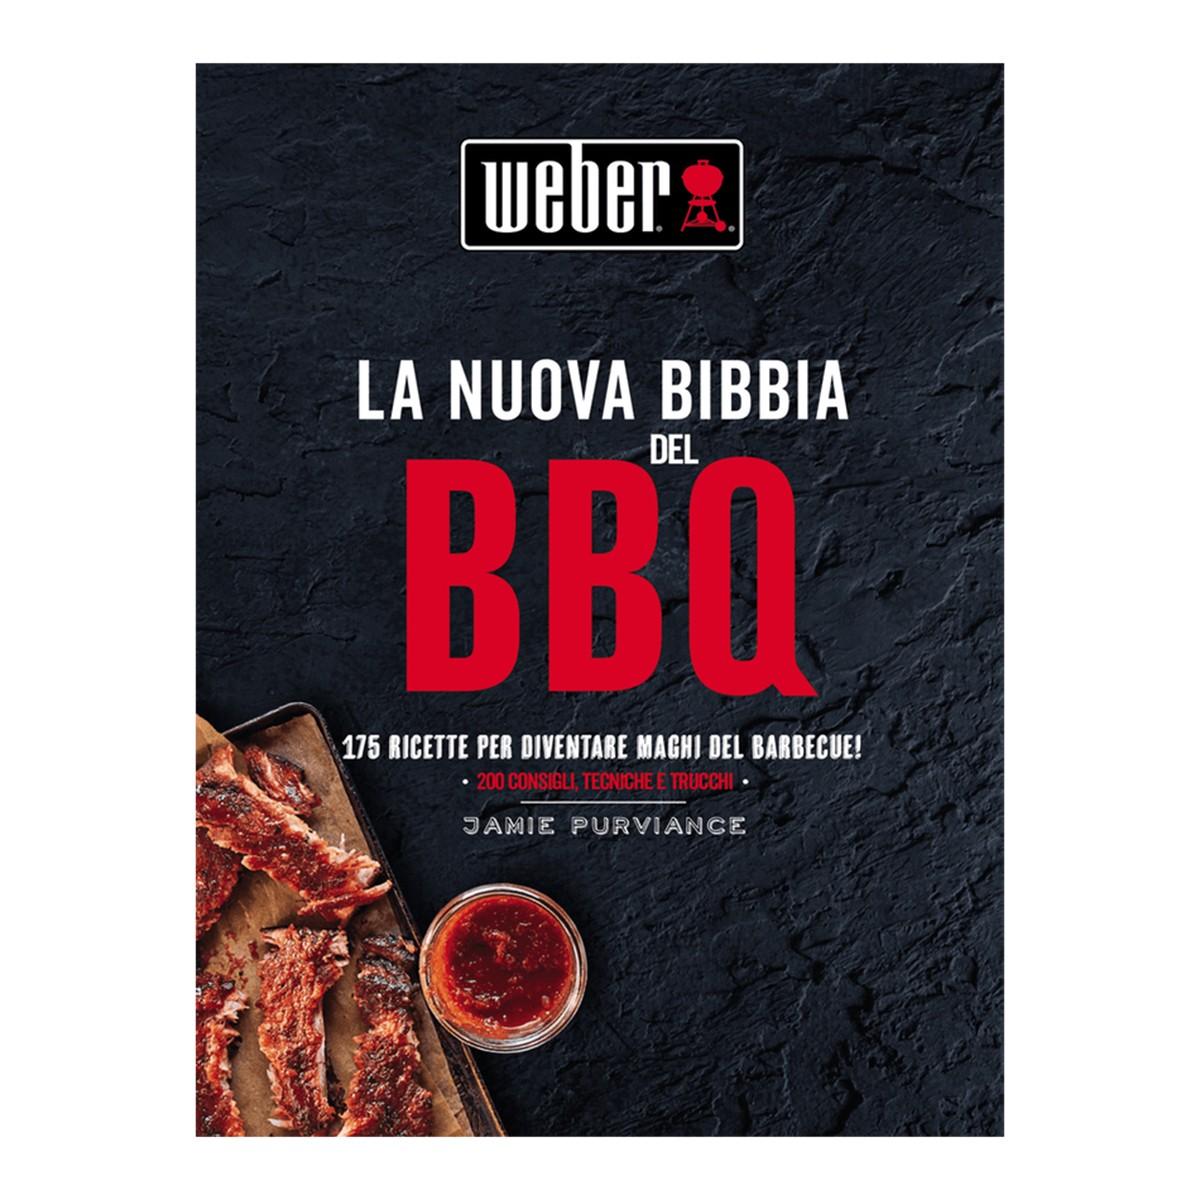 Weber La Nuova Bibbia Del Barbecue - Ricettario